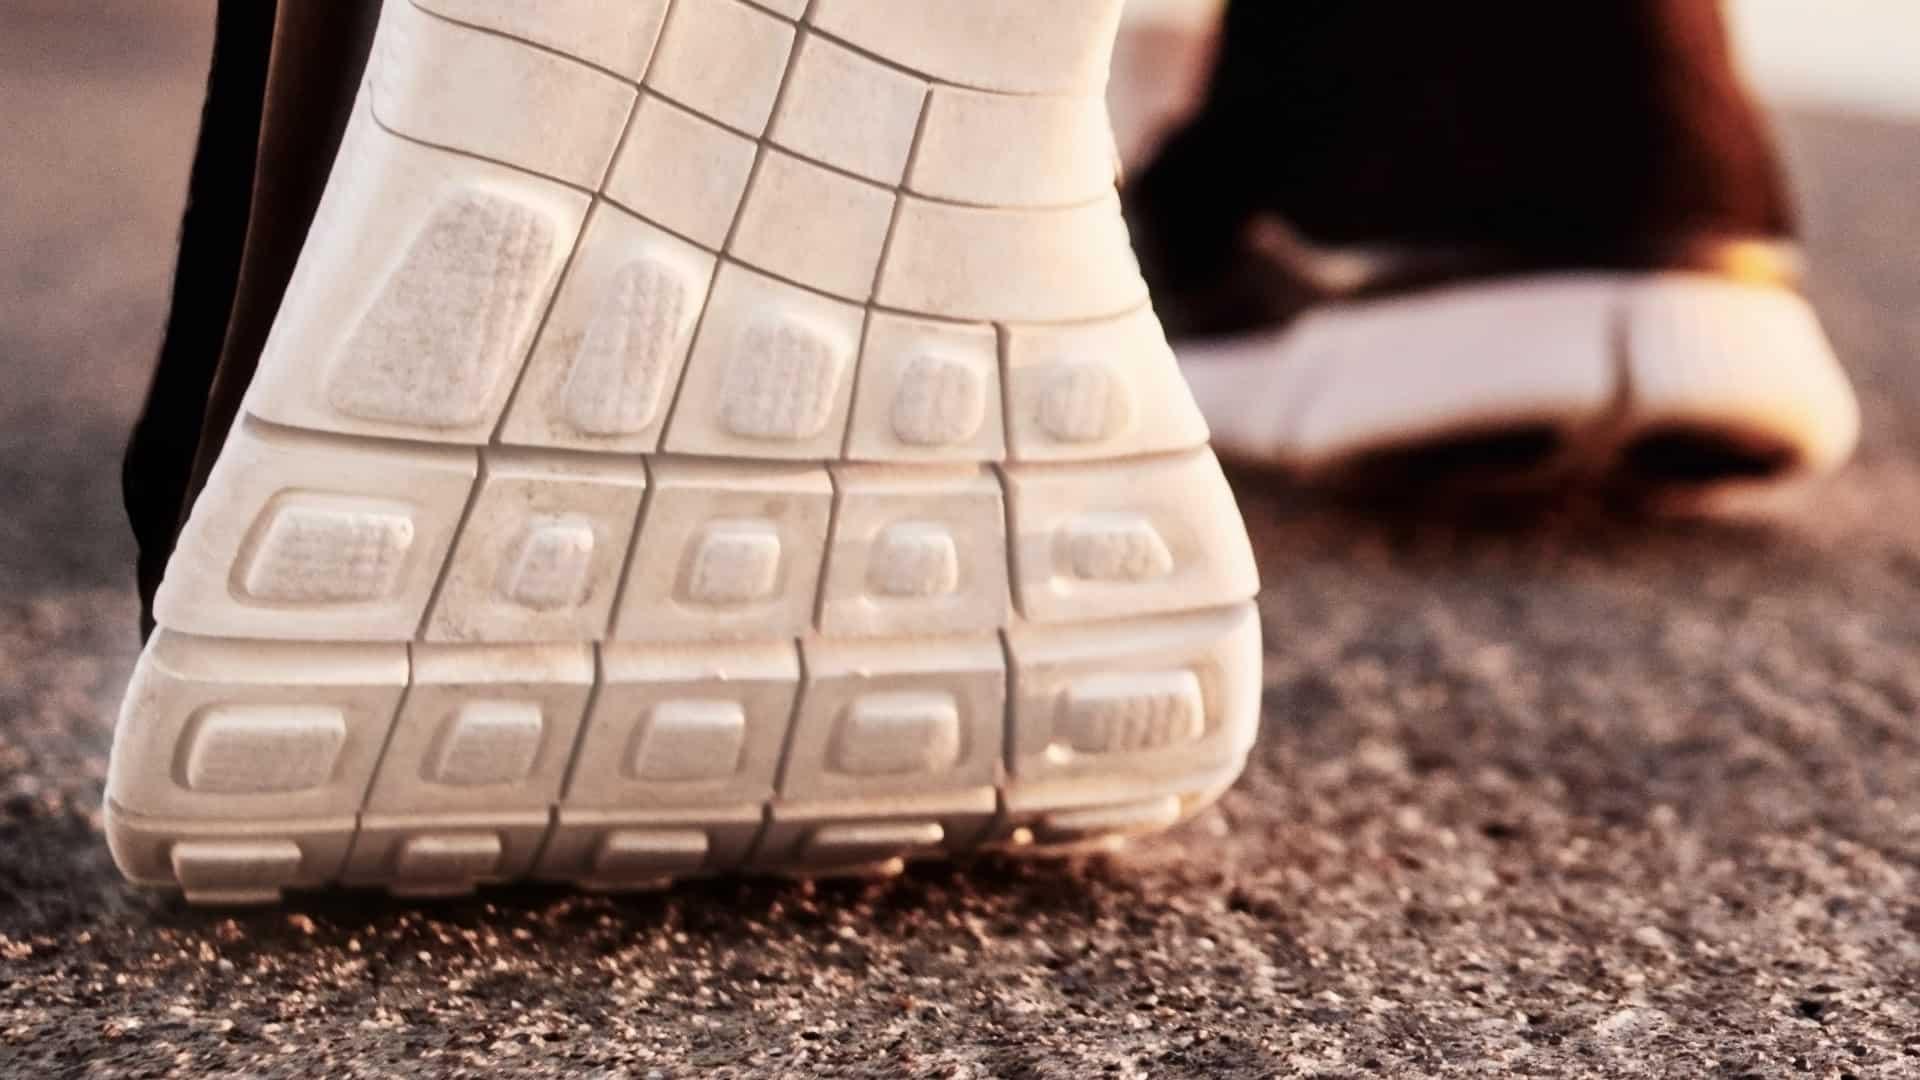 Migliori scarpe running 2020: Guida all'acquisto